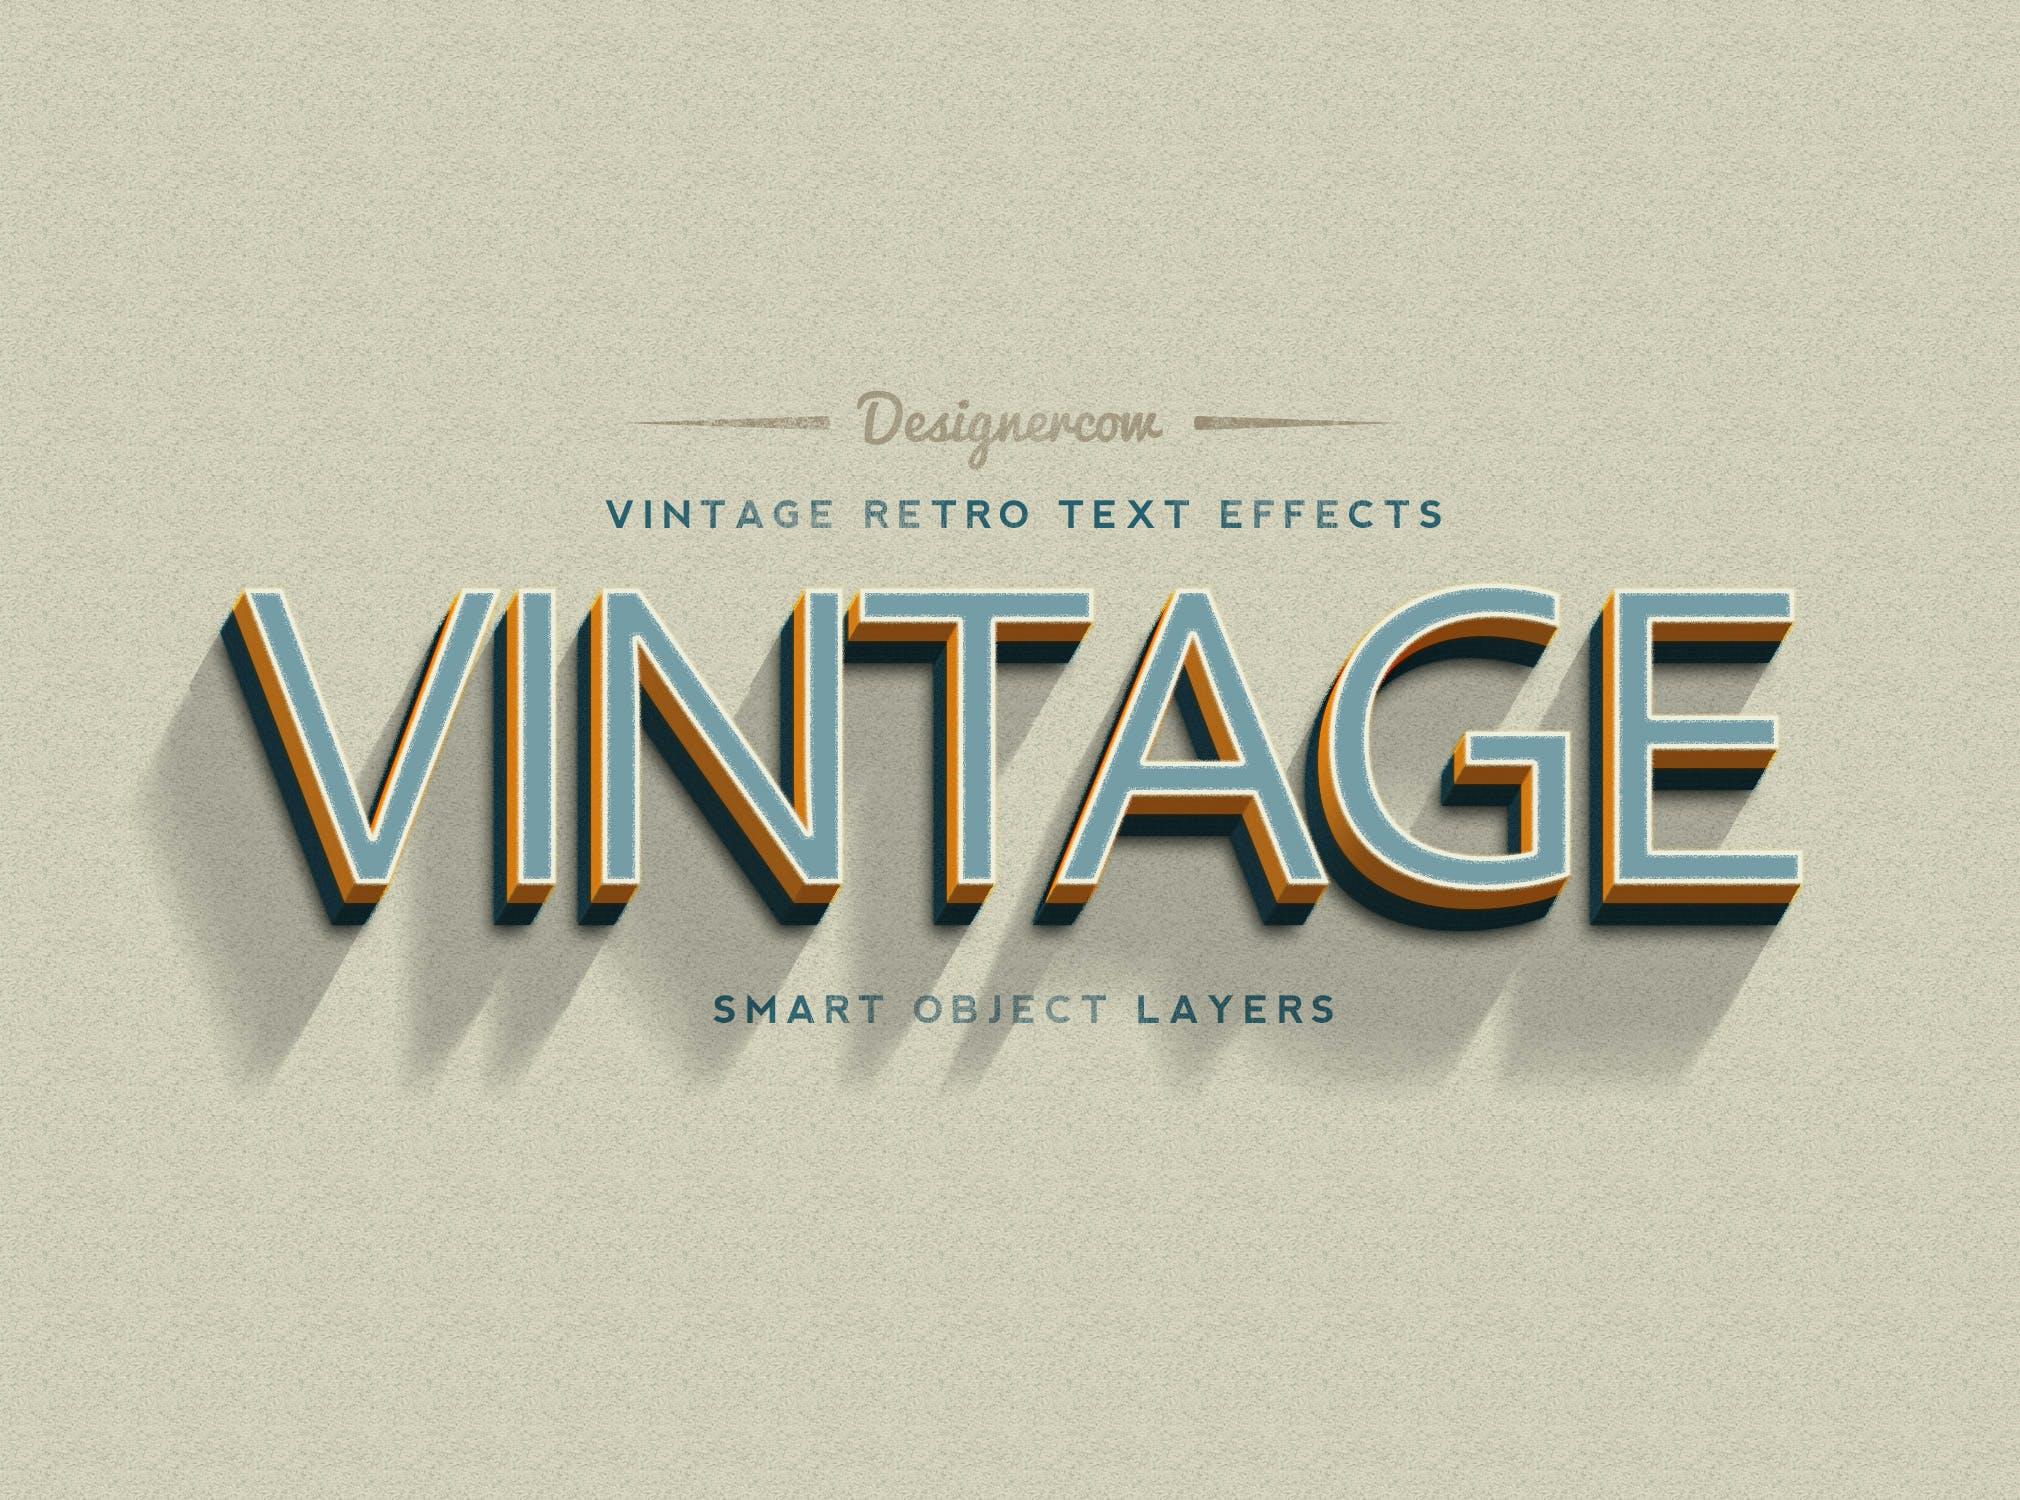 14款老式复古3D立体效果徽标标题字体设计PS样式模板 14 Vintage Retro Text Effects插图(2)